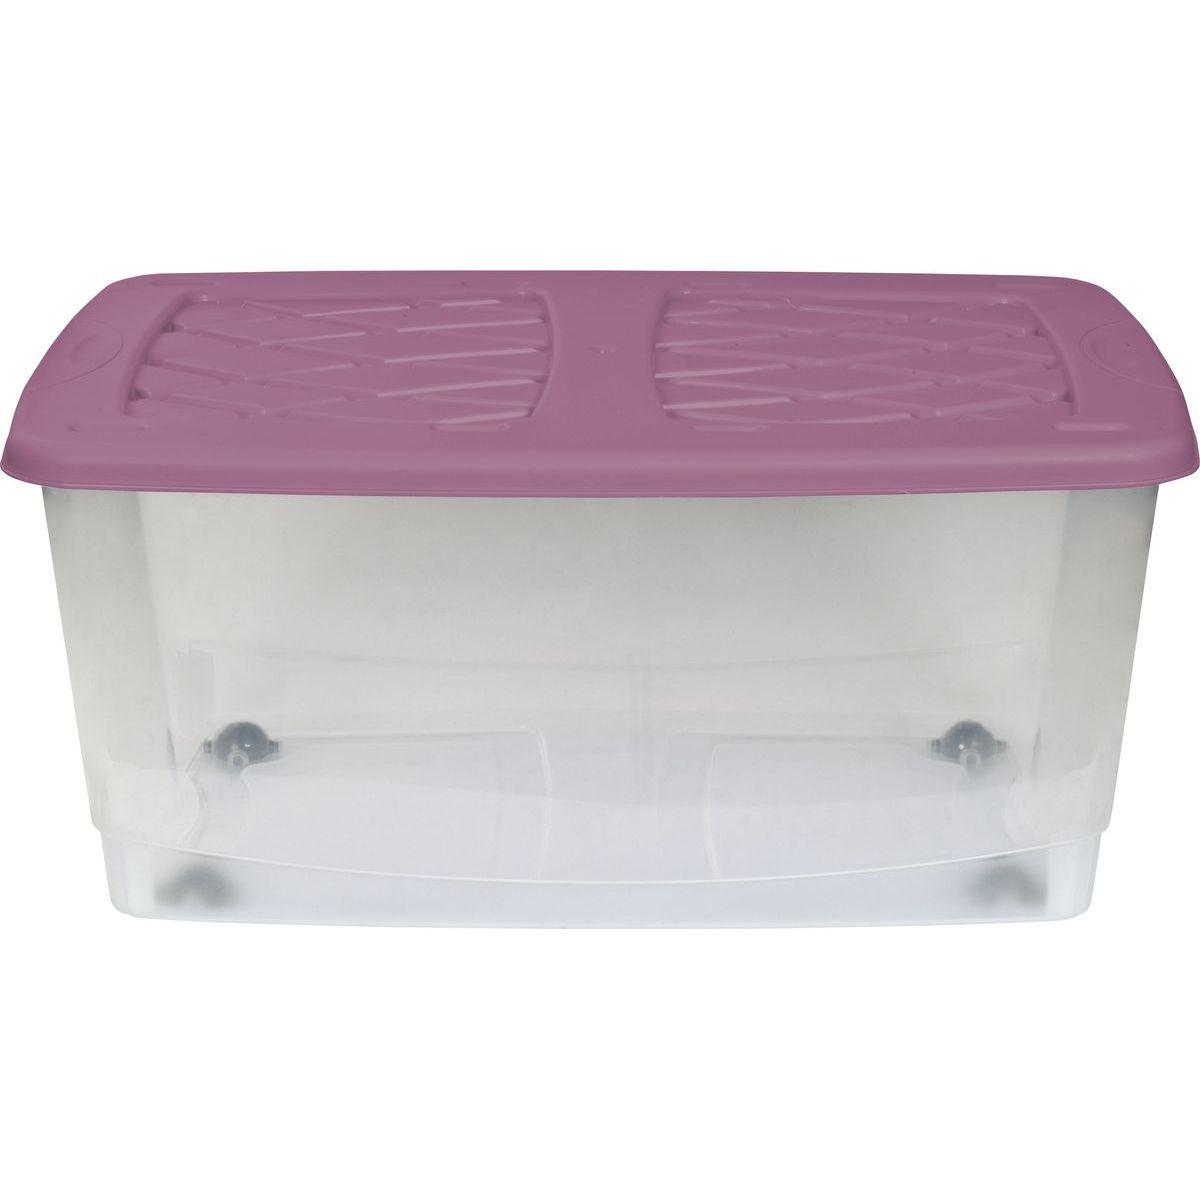 Marian plast dětský kontejner na hračky růžové víko